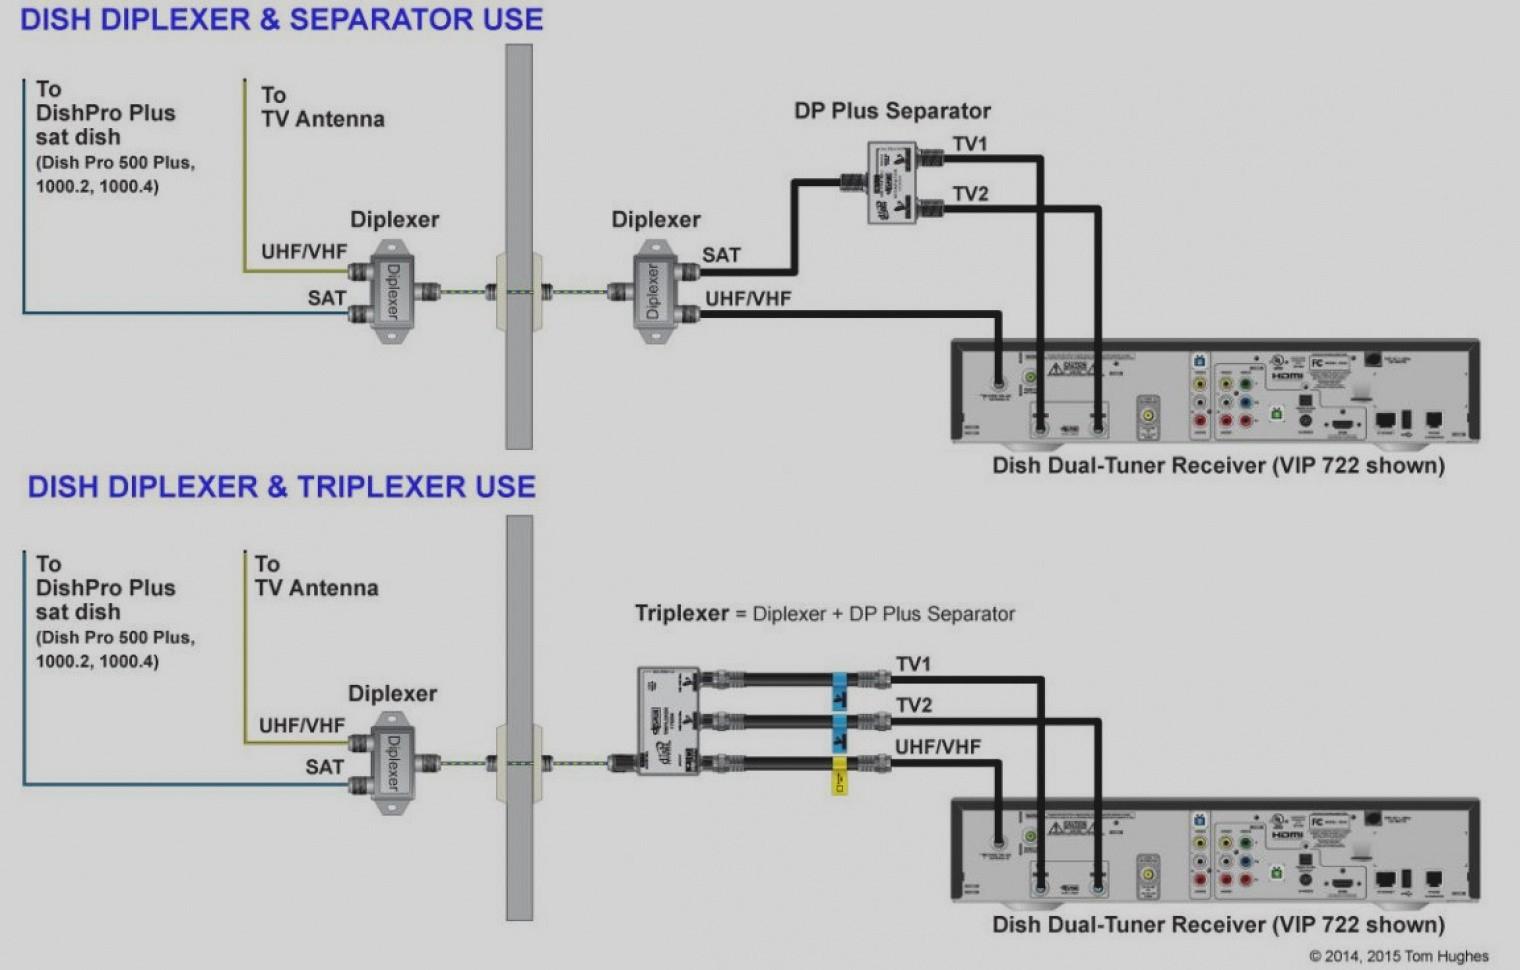 Dish Vip 722k Wiring Diagram Seniorsclub It Visualdraw Field Visualdraw Field Seniorsclub It